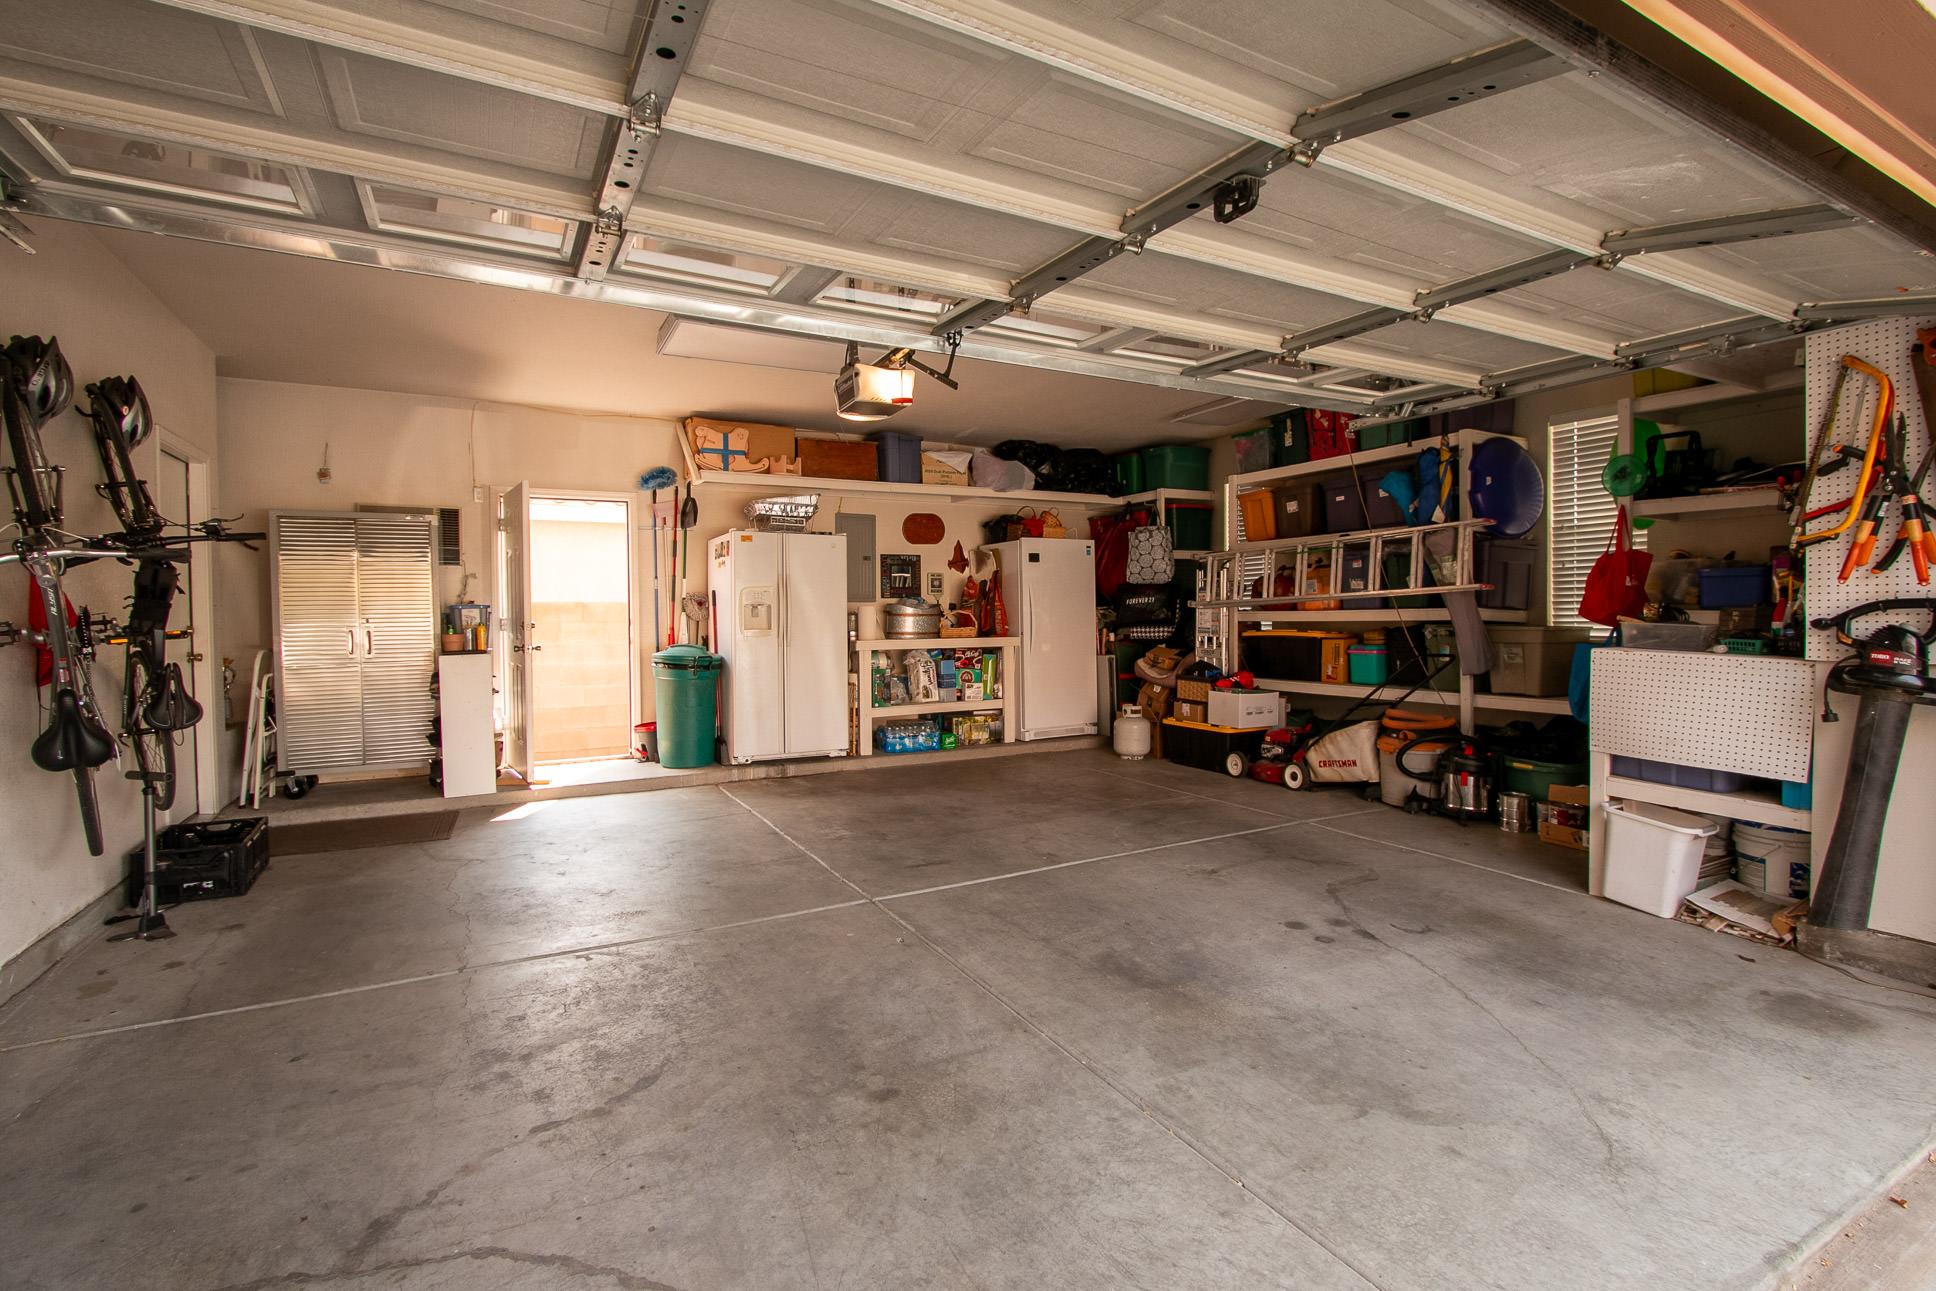 6009 Sipapu_2.5 Car Garage